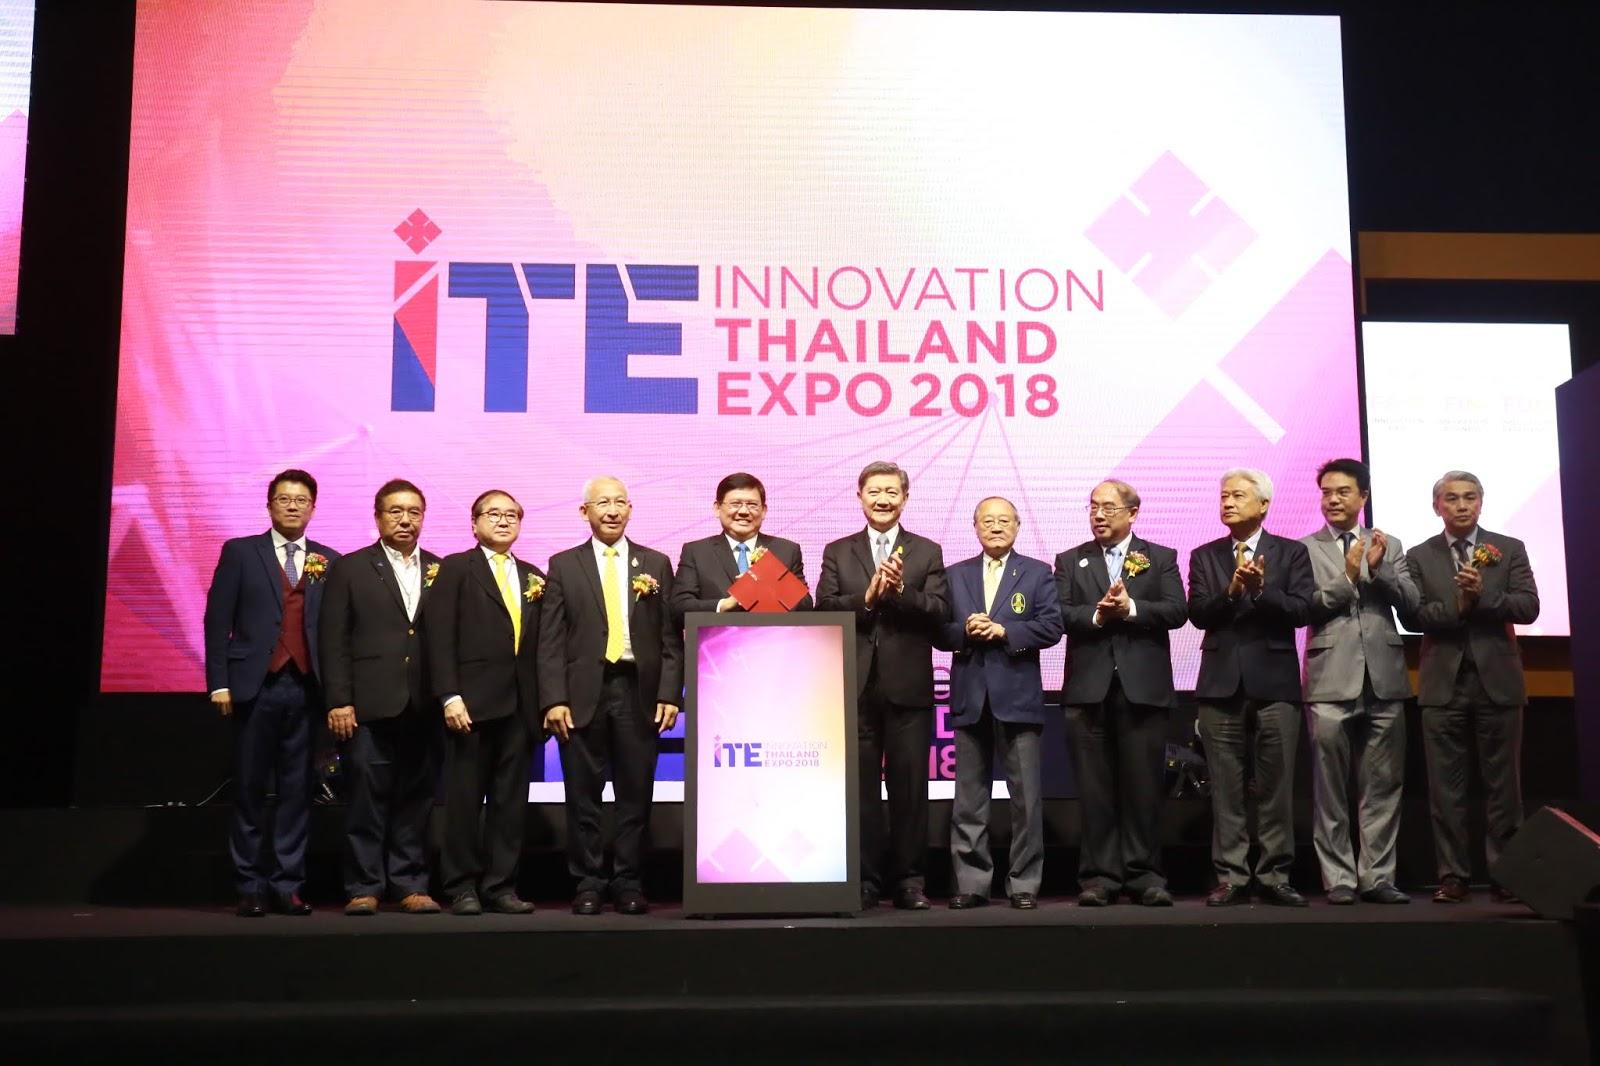 """เอ็นไอเอชวนเปิดมุมมองใหม่กับประเทศไทยที่แตกต่างใน """"เทศกาลนวัตกรรม"""" ครั้งแรกในไทย  สัมผัสประสบการณ์กับสุดยอดนวัตกรรมฝีมือคนไทย และนวัตกรรมระดับโลก"""